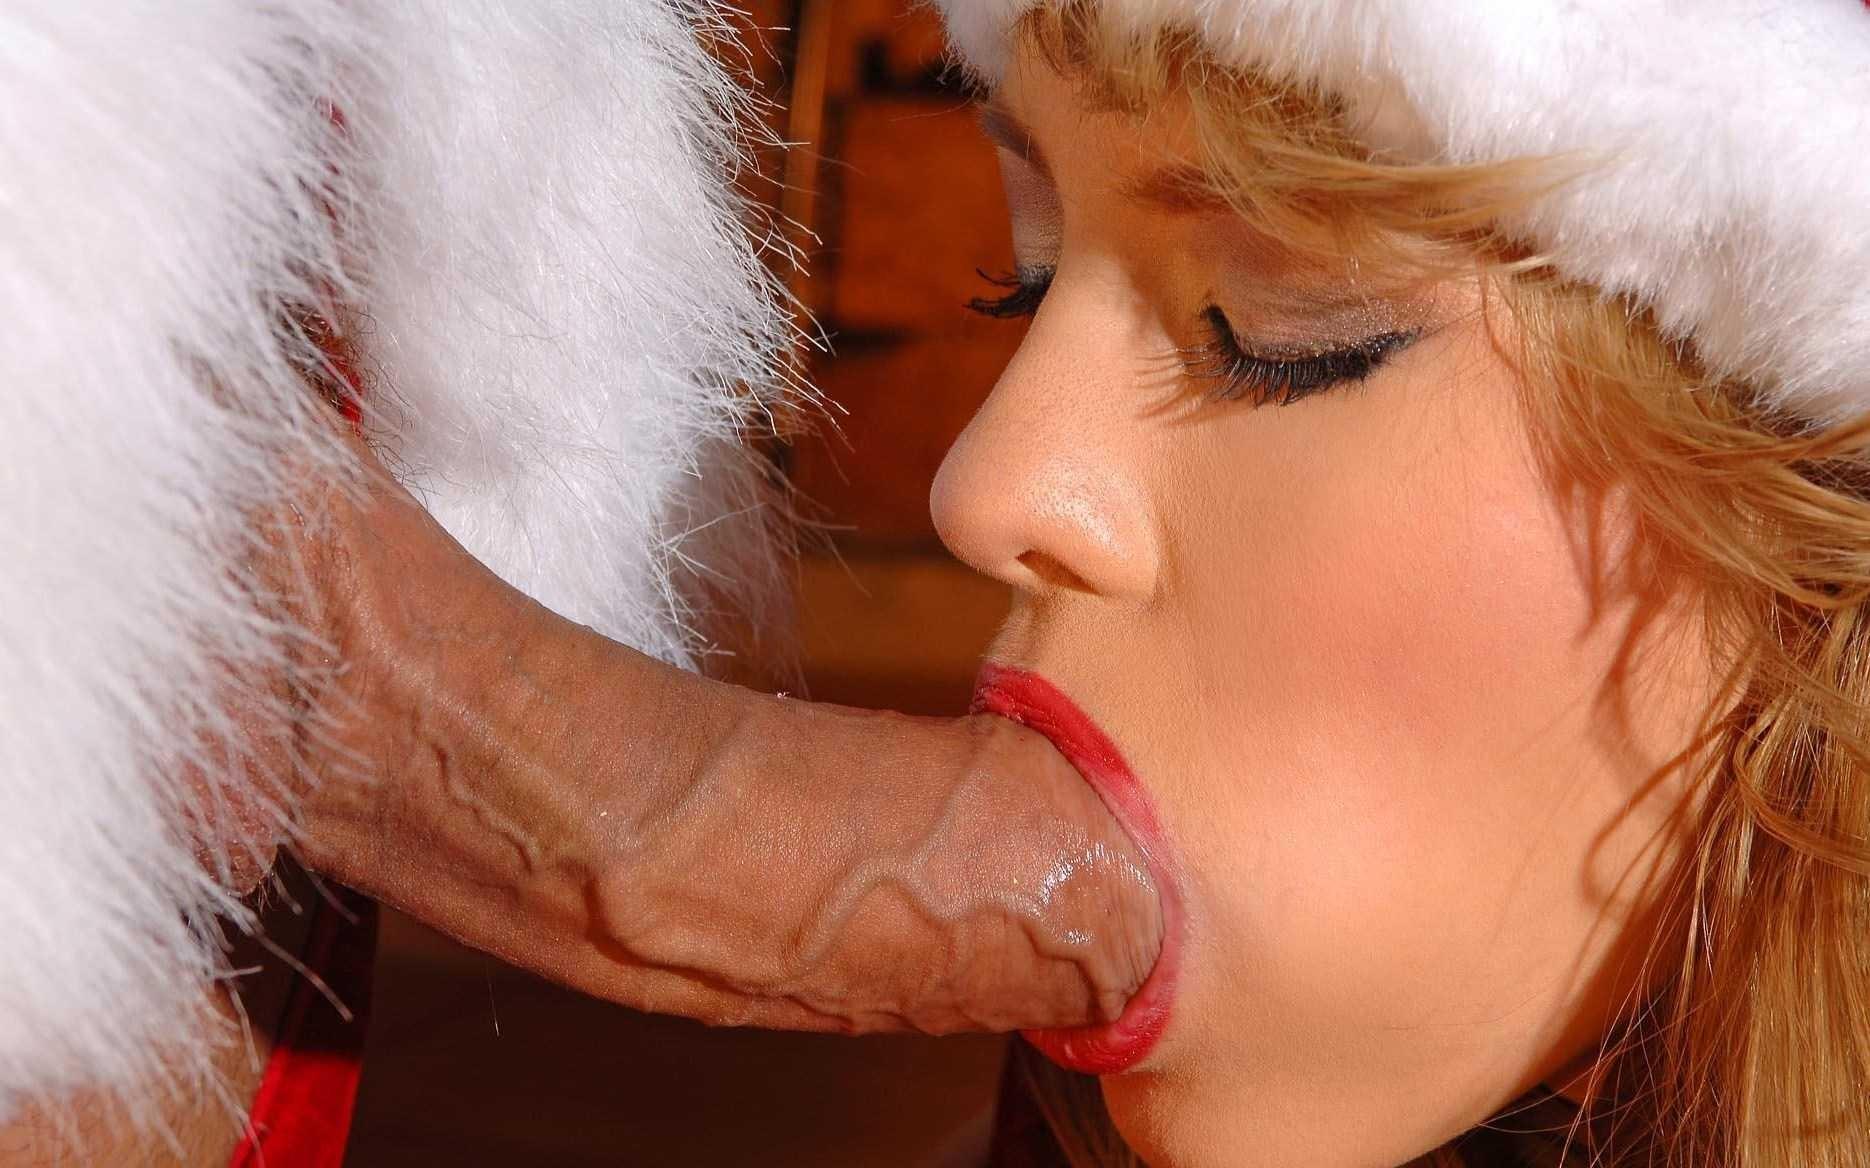 порно встреча нового года сексуальных девушек